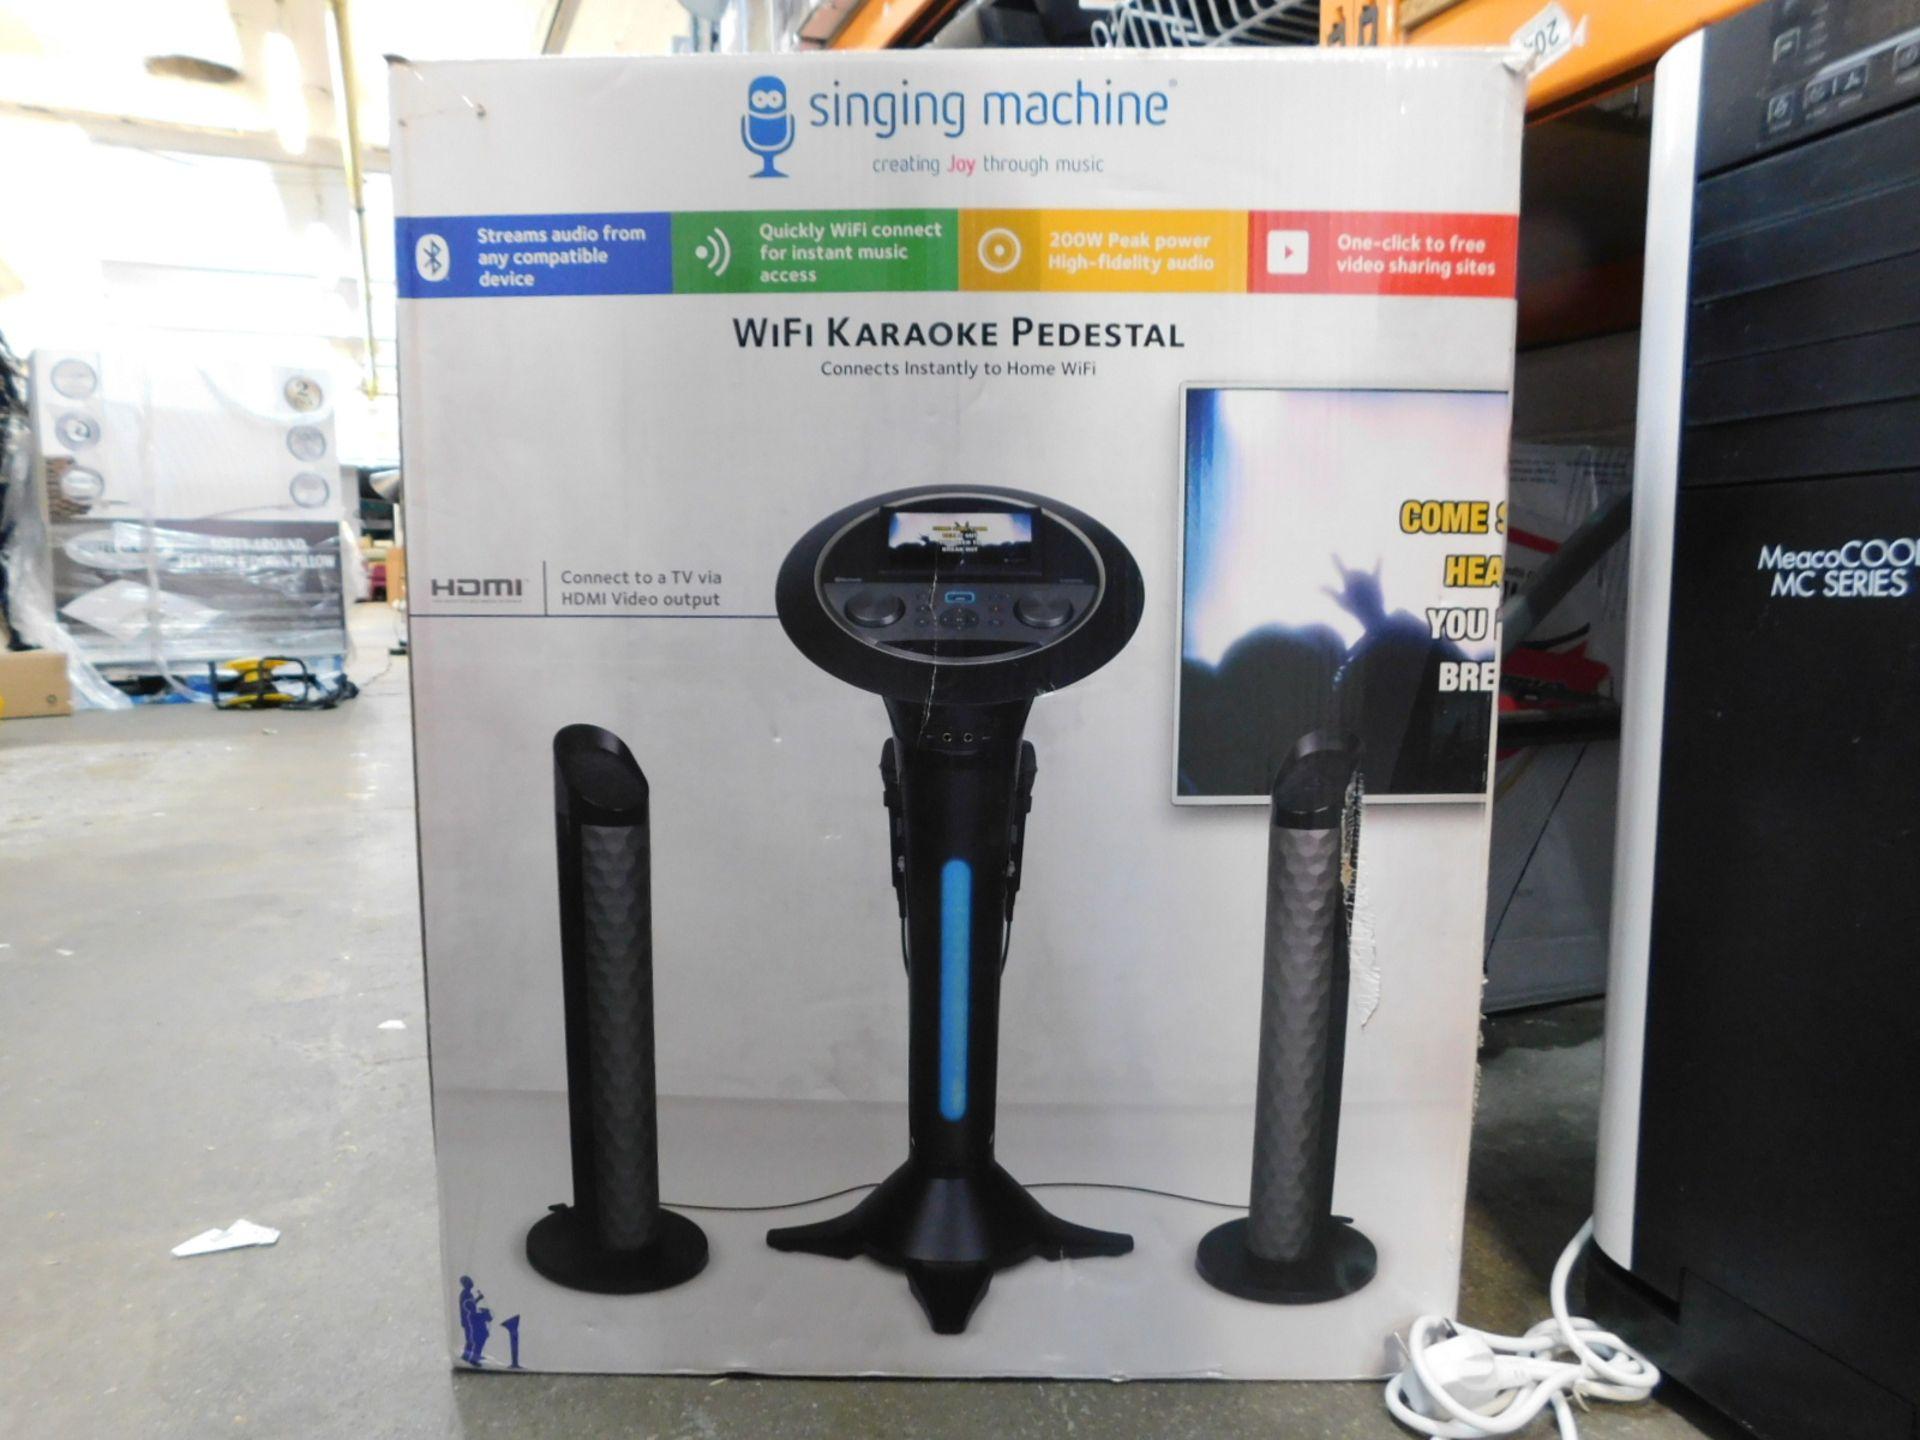 1 BOXED SINGING MACHINE WIFI KARAOKE PEDESTAL RRP £299.99